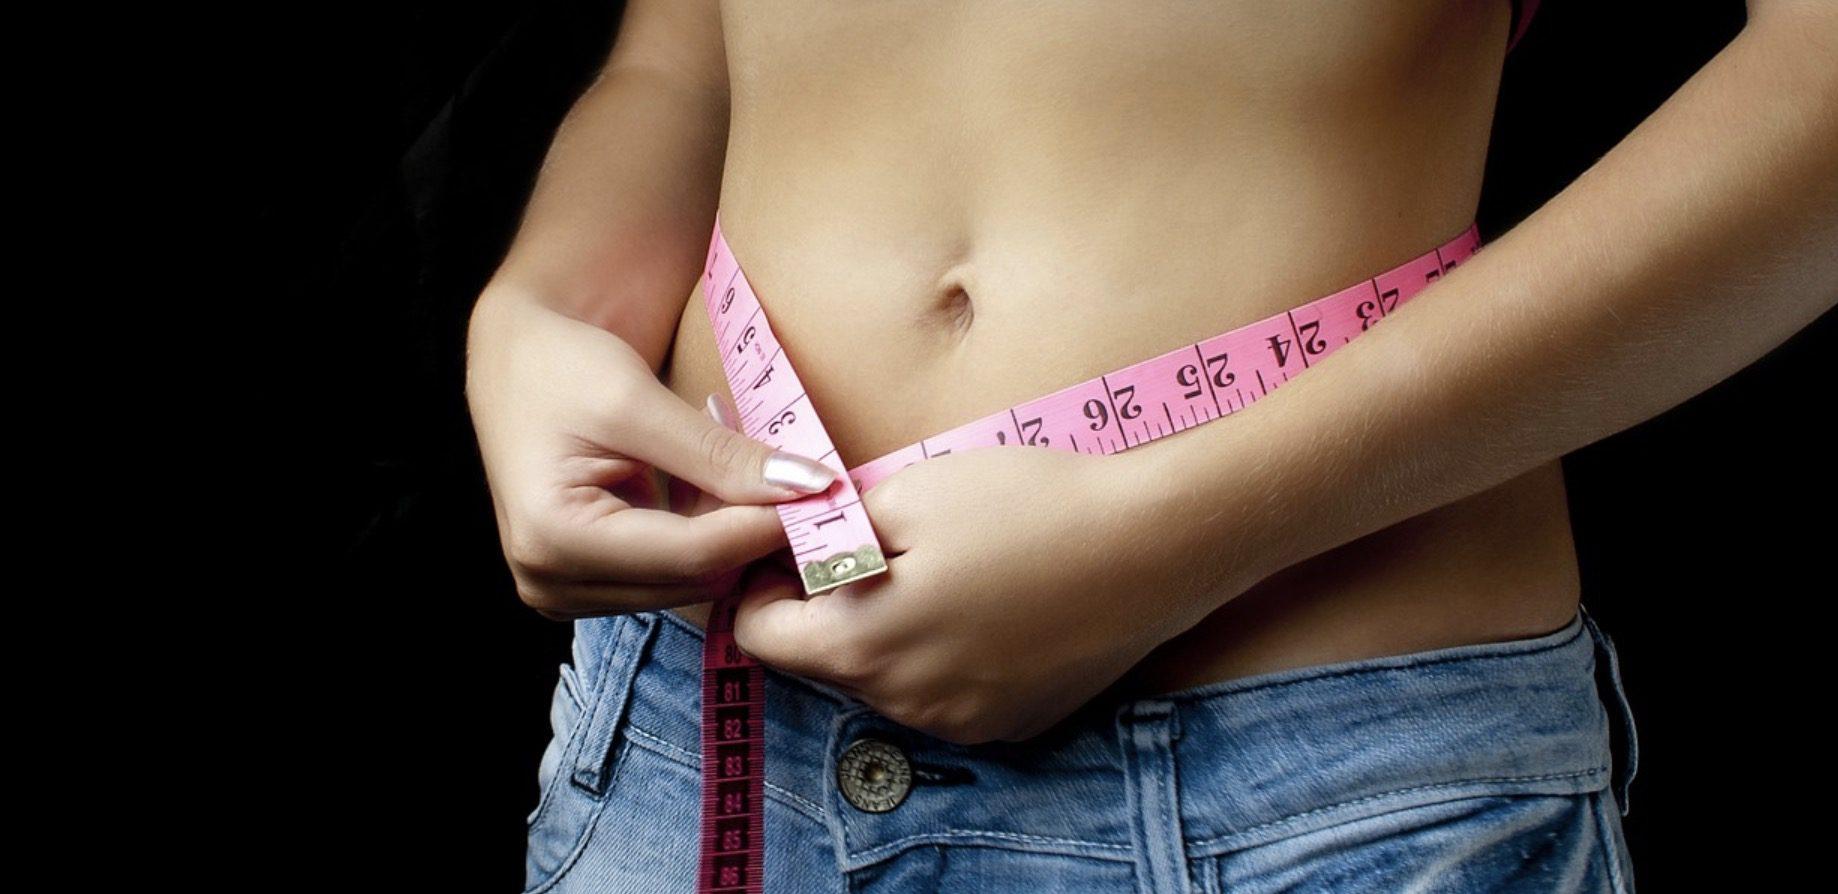 Régime, comment maigrir vite